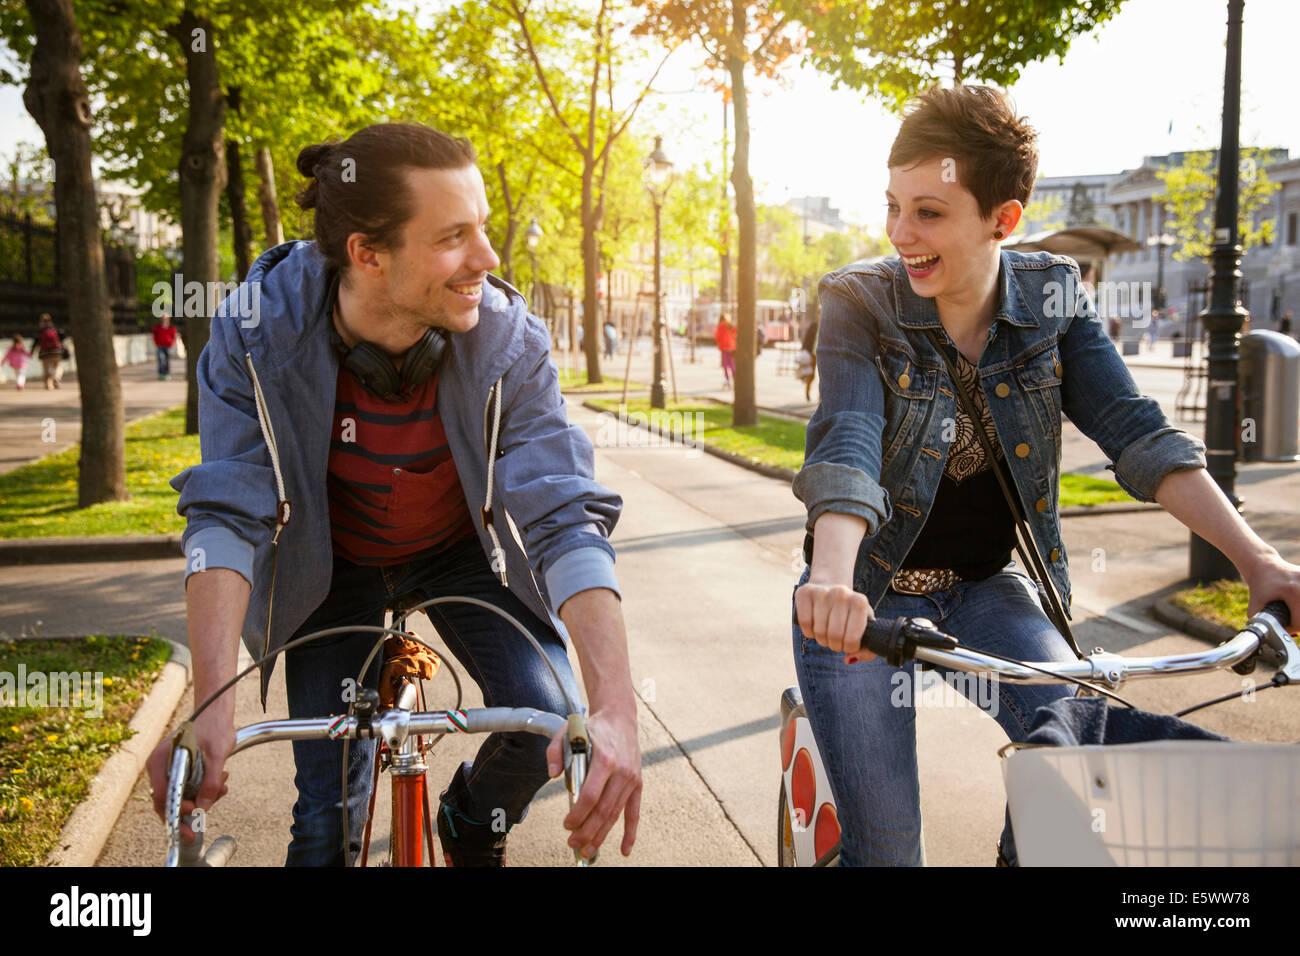 Junge Erwachsene paar Radtouren durch City, Wien, Österreich Stockfoto